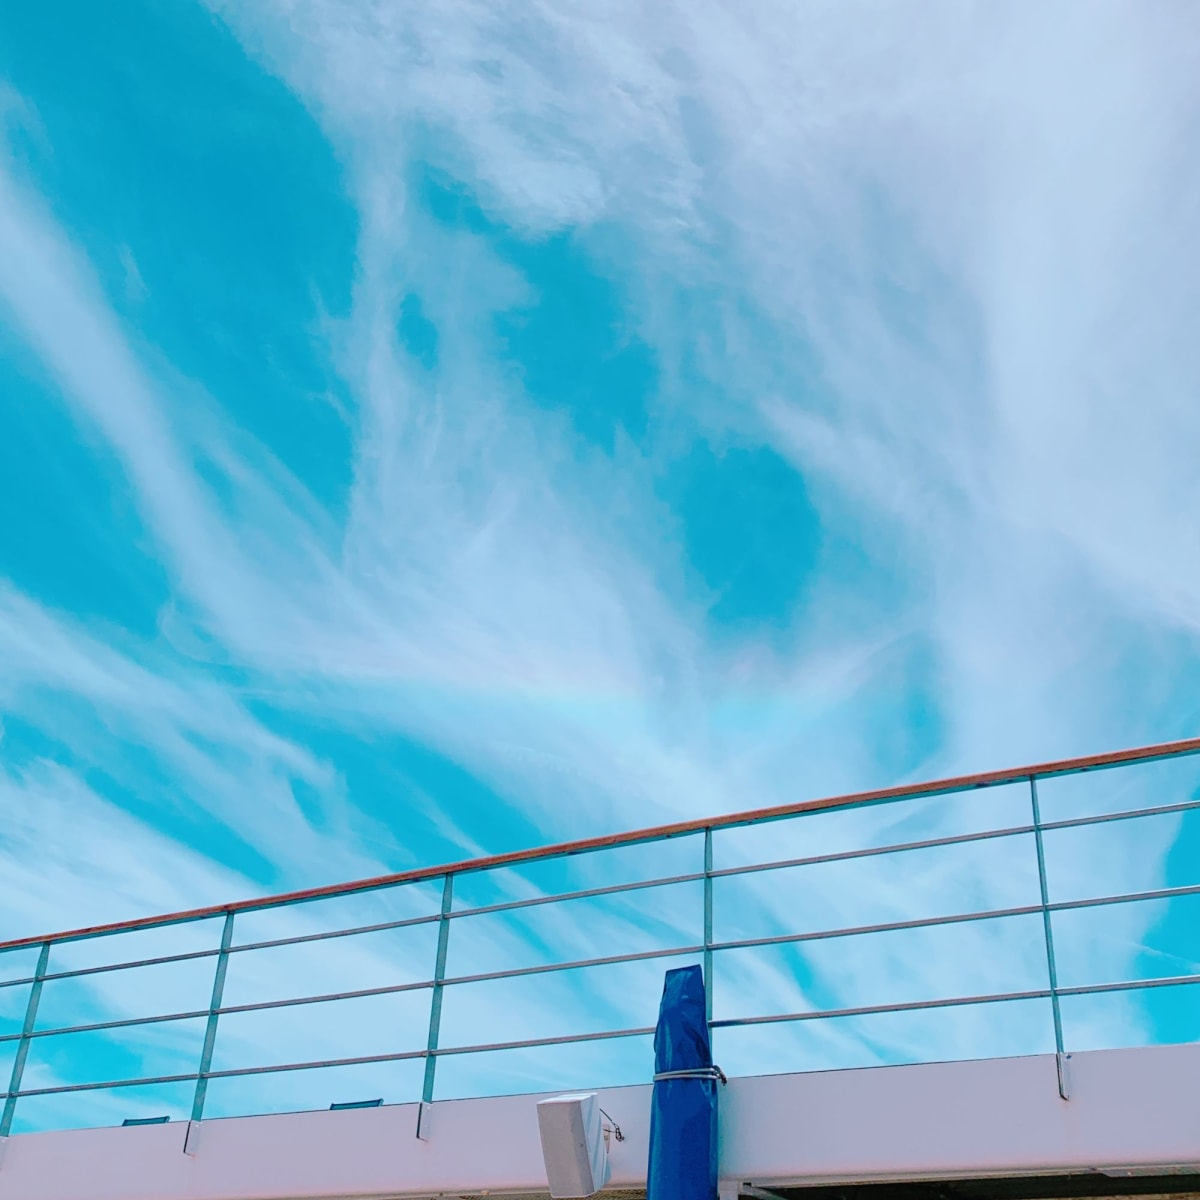 下船の日、変わった形の虹が見れました🌈 | 客船コスタ・ネオロマンチカの船内施設